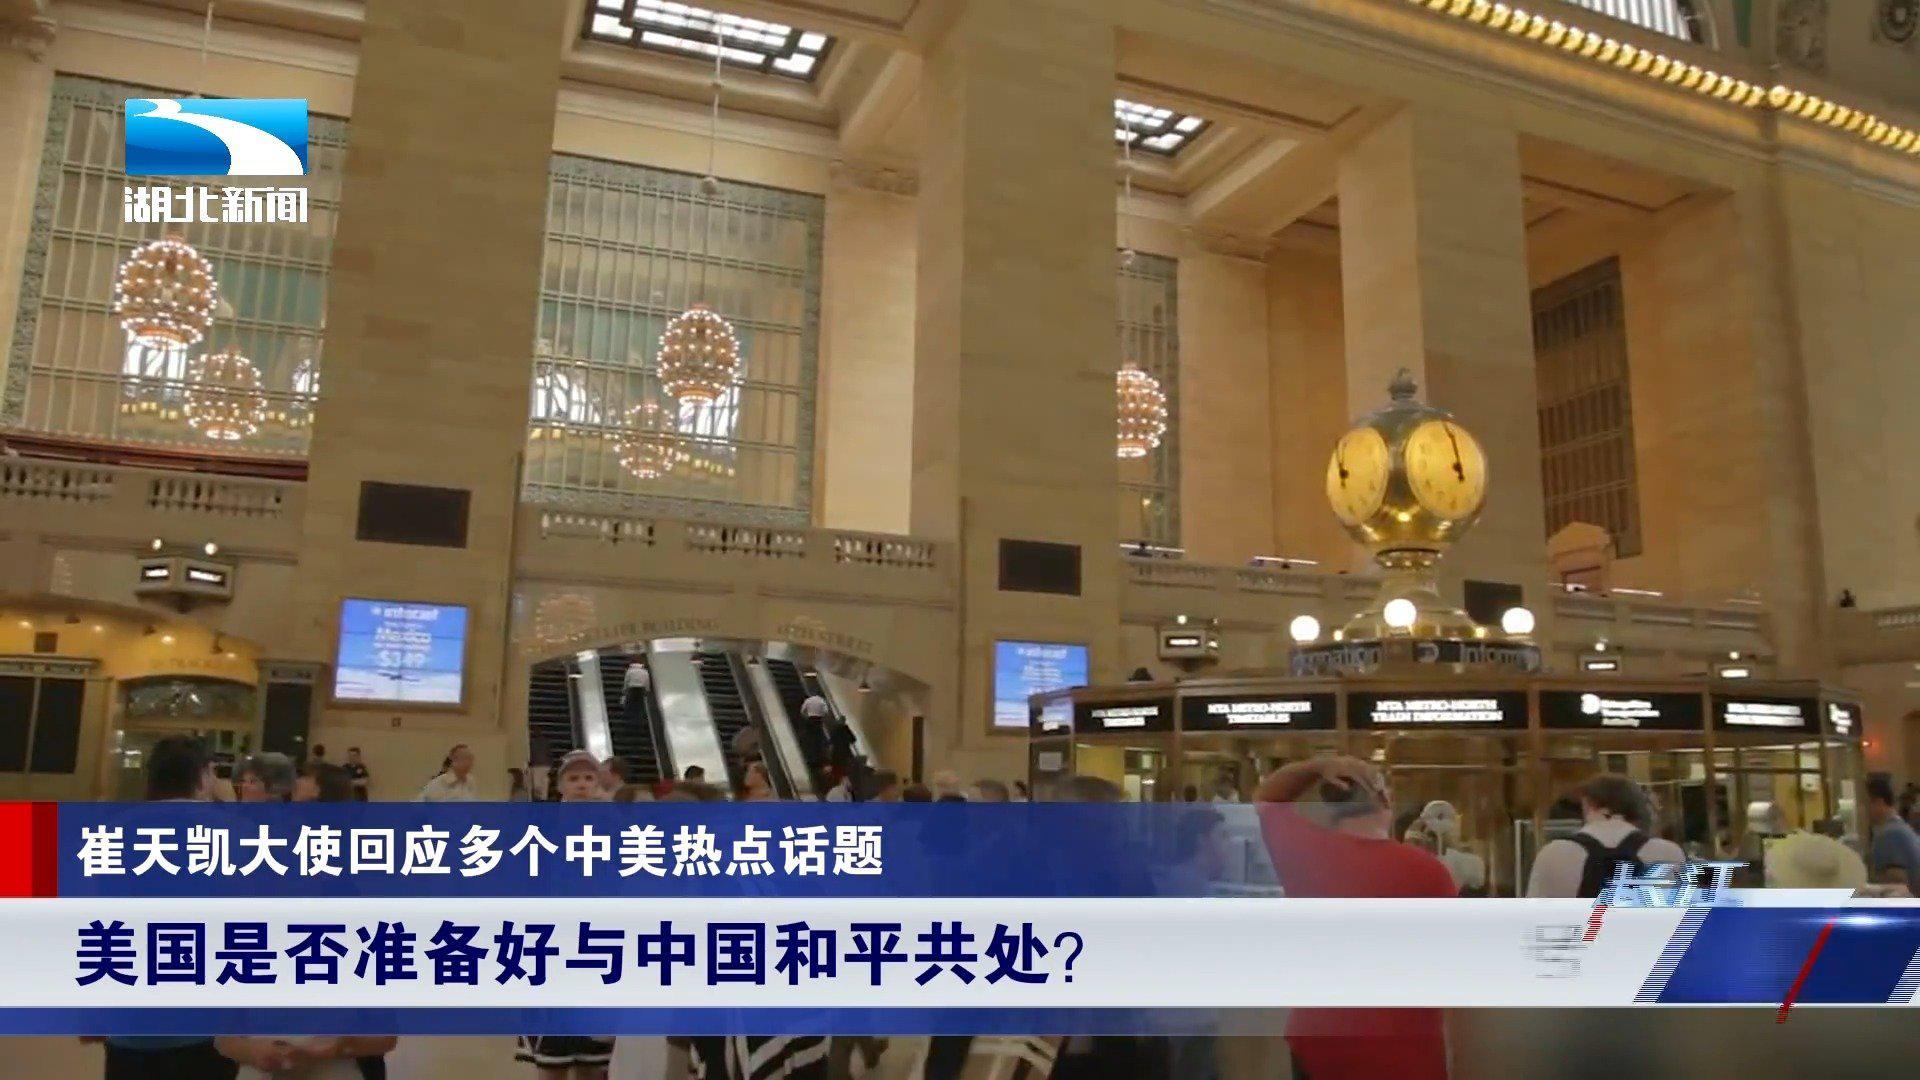 美国是否准备好与中国和平共处?崔天凯大使回应多个中美热点话题